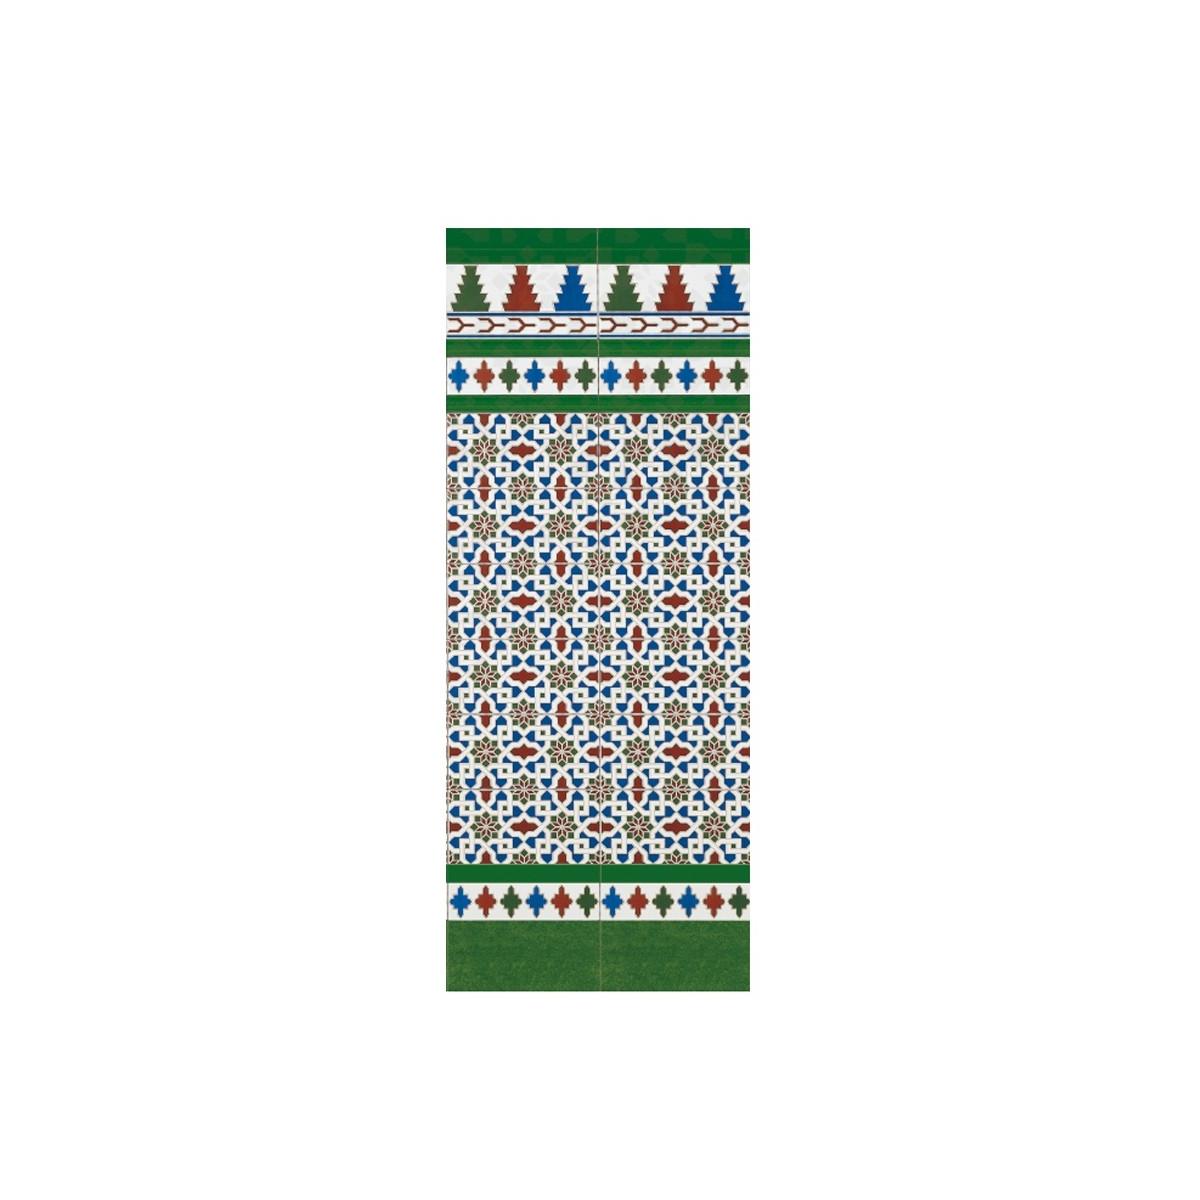 Pavimentos y Revestimientos - Serie Alhambra de la marca Mainzu